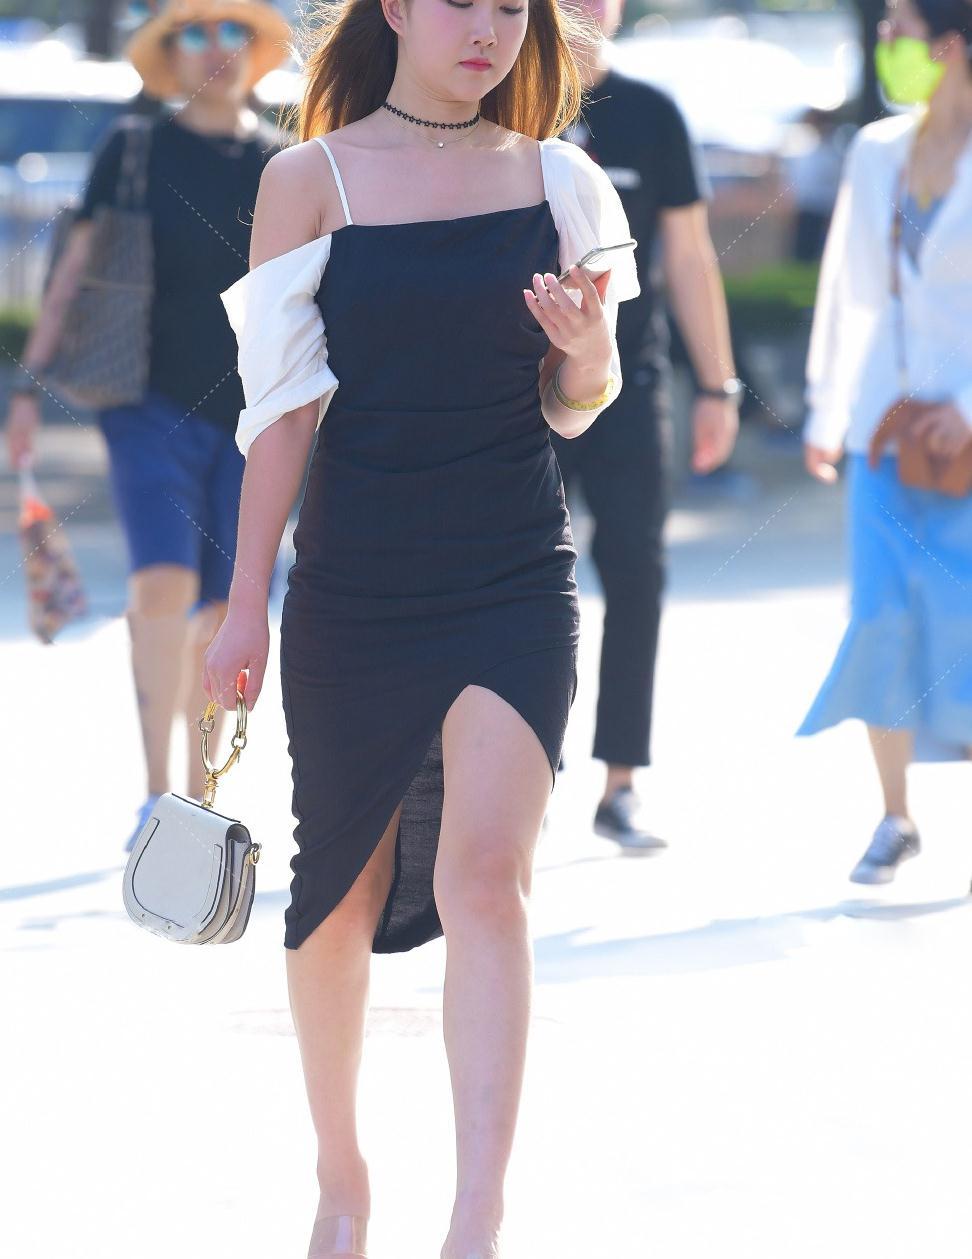 换上时尚吊带裙,让造型显得优雅,美出个性靓丽感